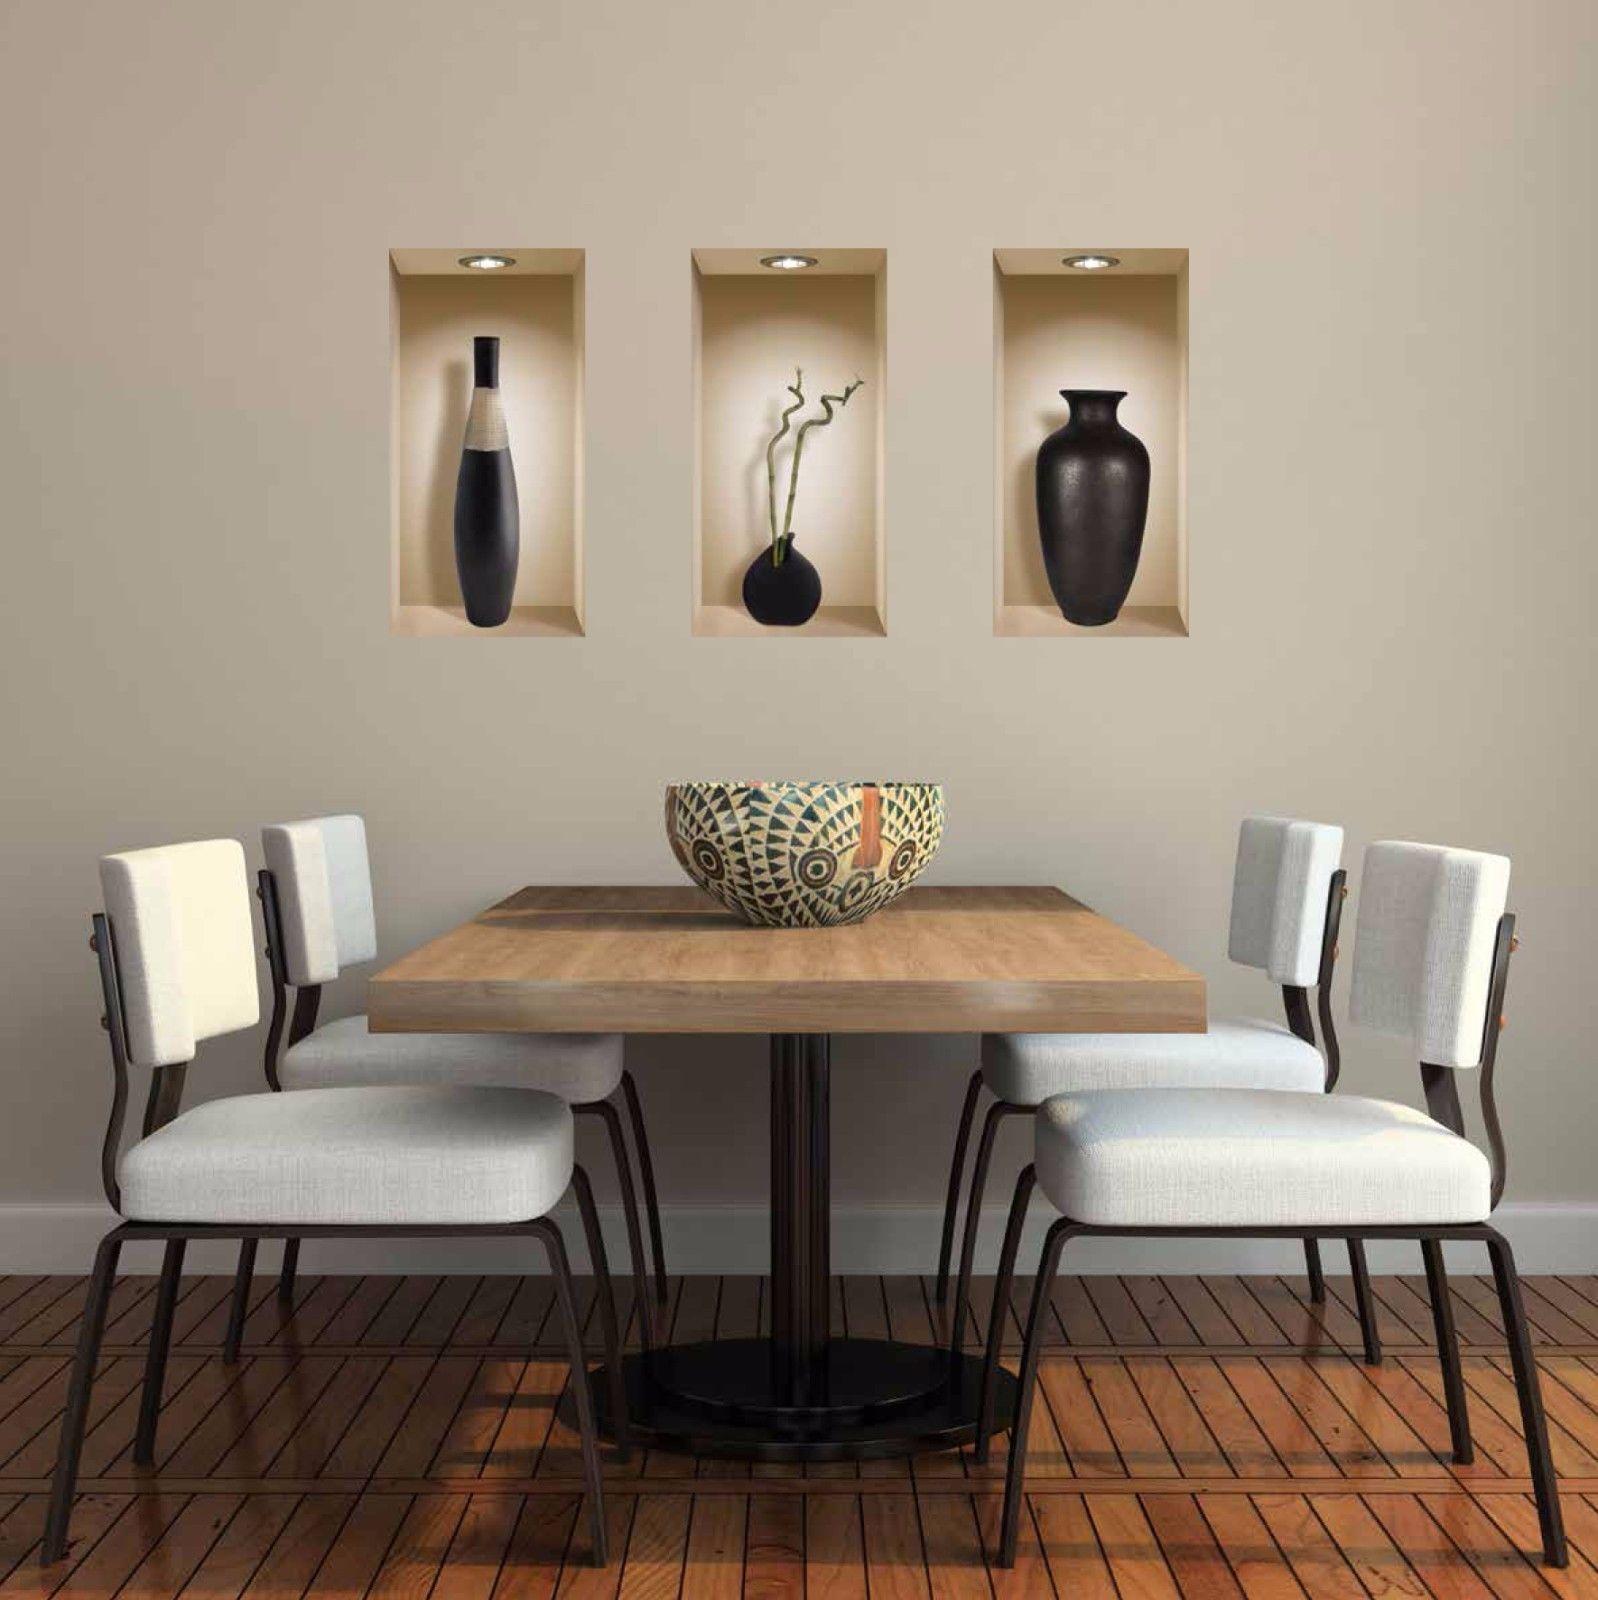 Set art black vase wall stickers d picture vinyl removable tile